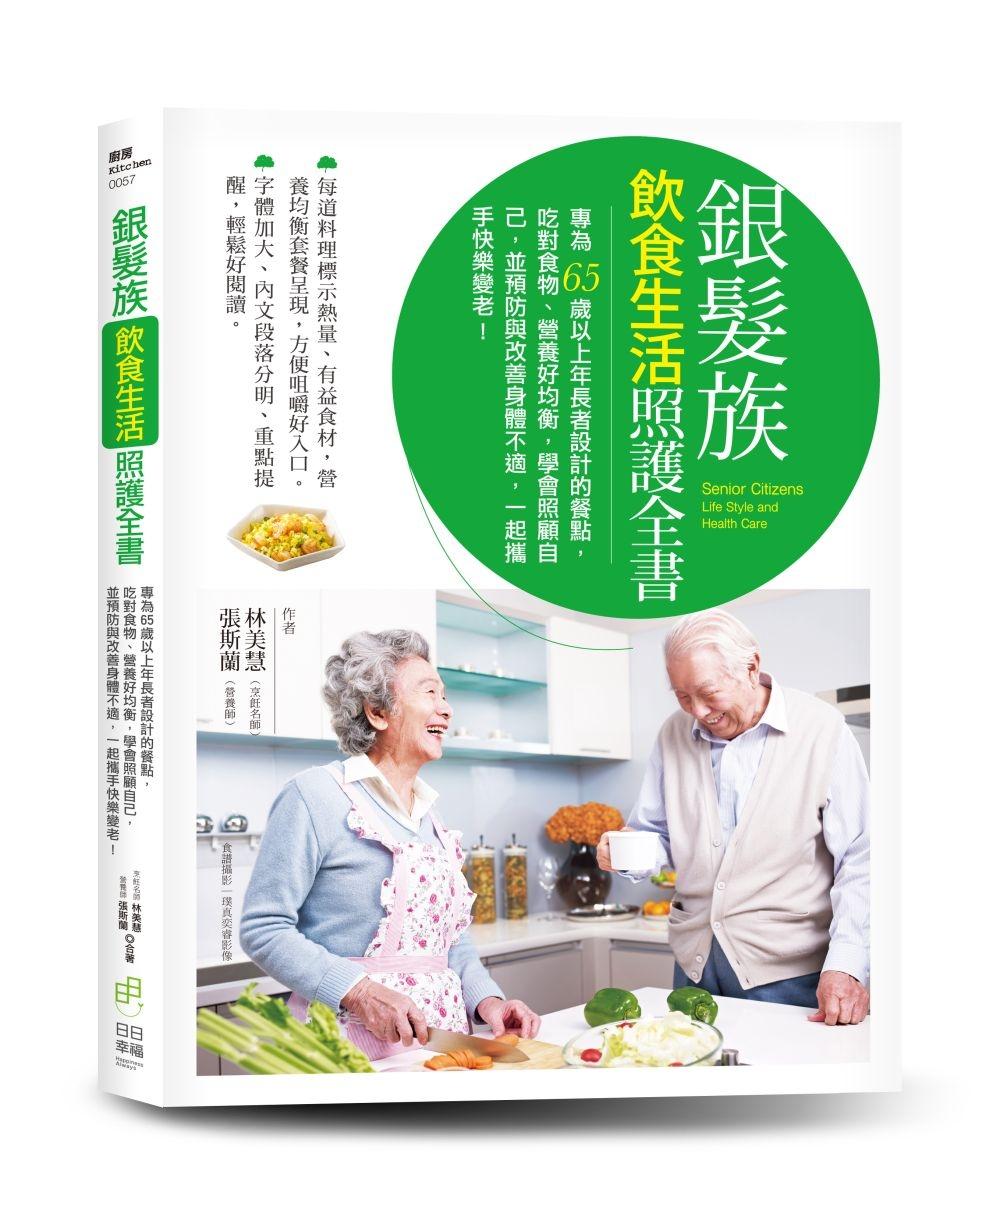 ◤博客來BOOKS◢ 暢銷書榜《推薦》銀髮族飲食生活照護全書:專為65歲以上年長者設計的餐點,吃對食物、營養好均衡,學會照顧自己,並預防與改善身體不適,一起攜手快樂變老!